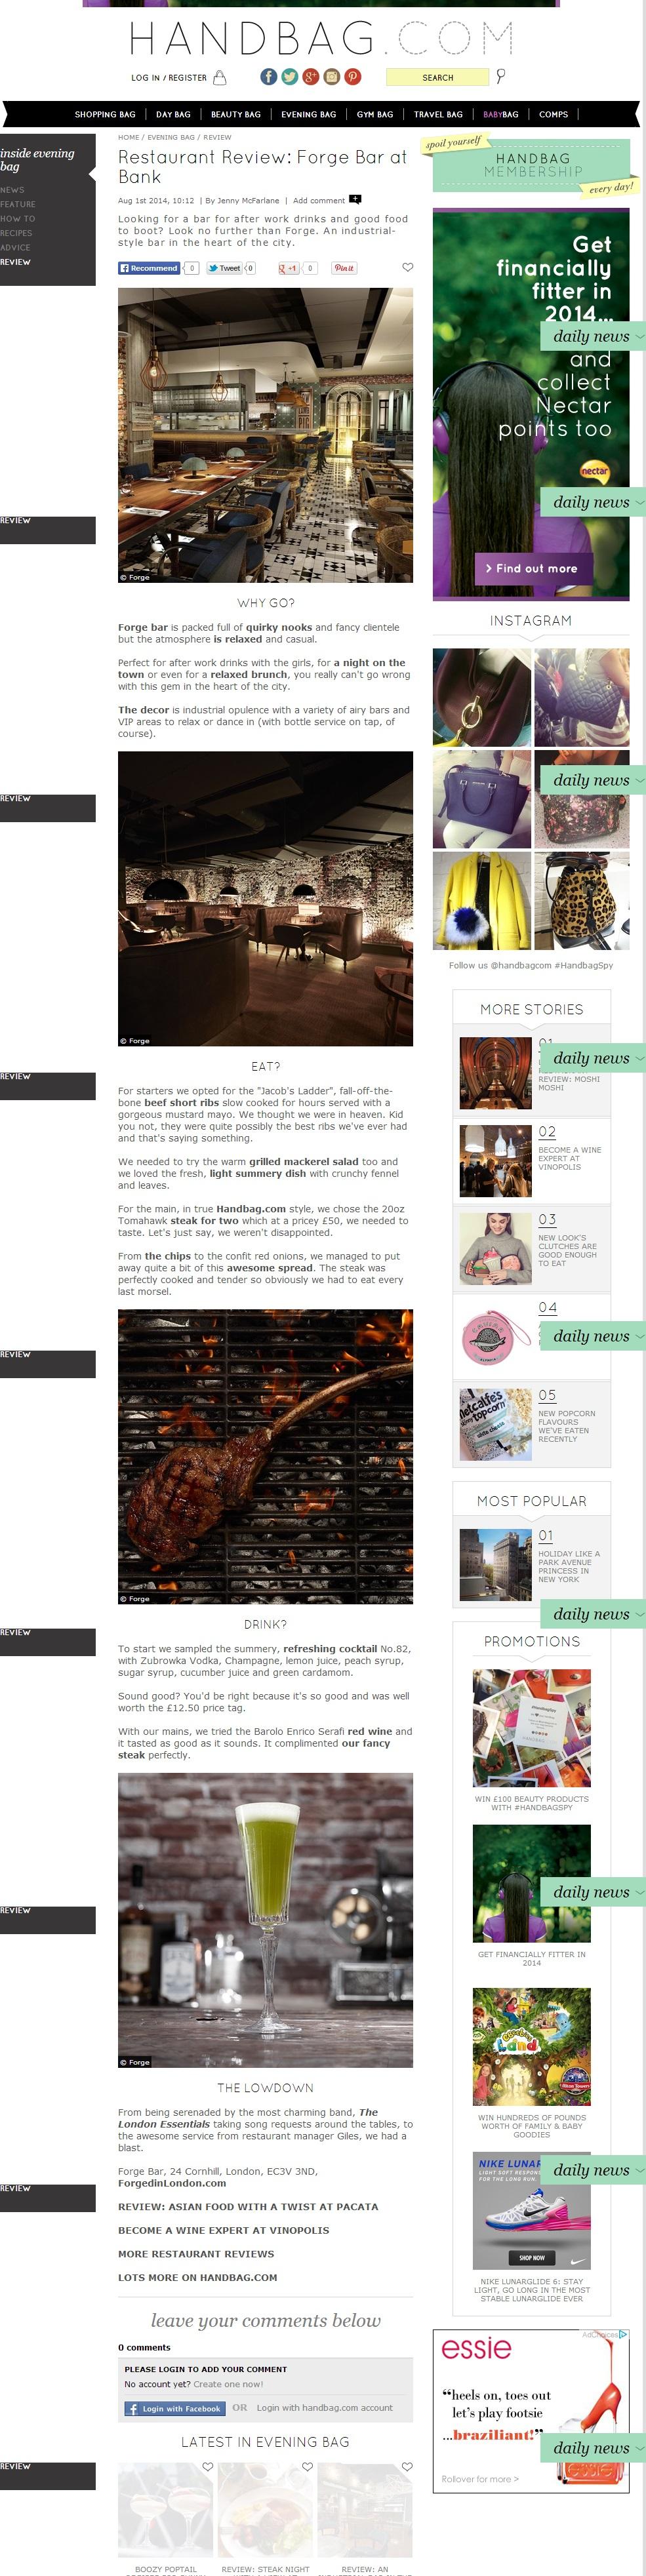 screencapture-www-handbag-com-evening-bag-review-a587867-restaurant-review-forge-bar-at-bank-html